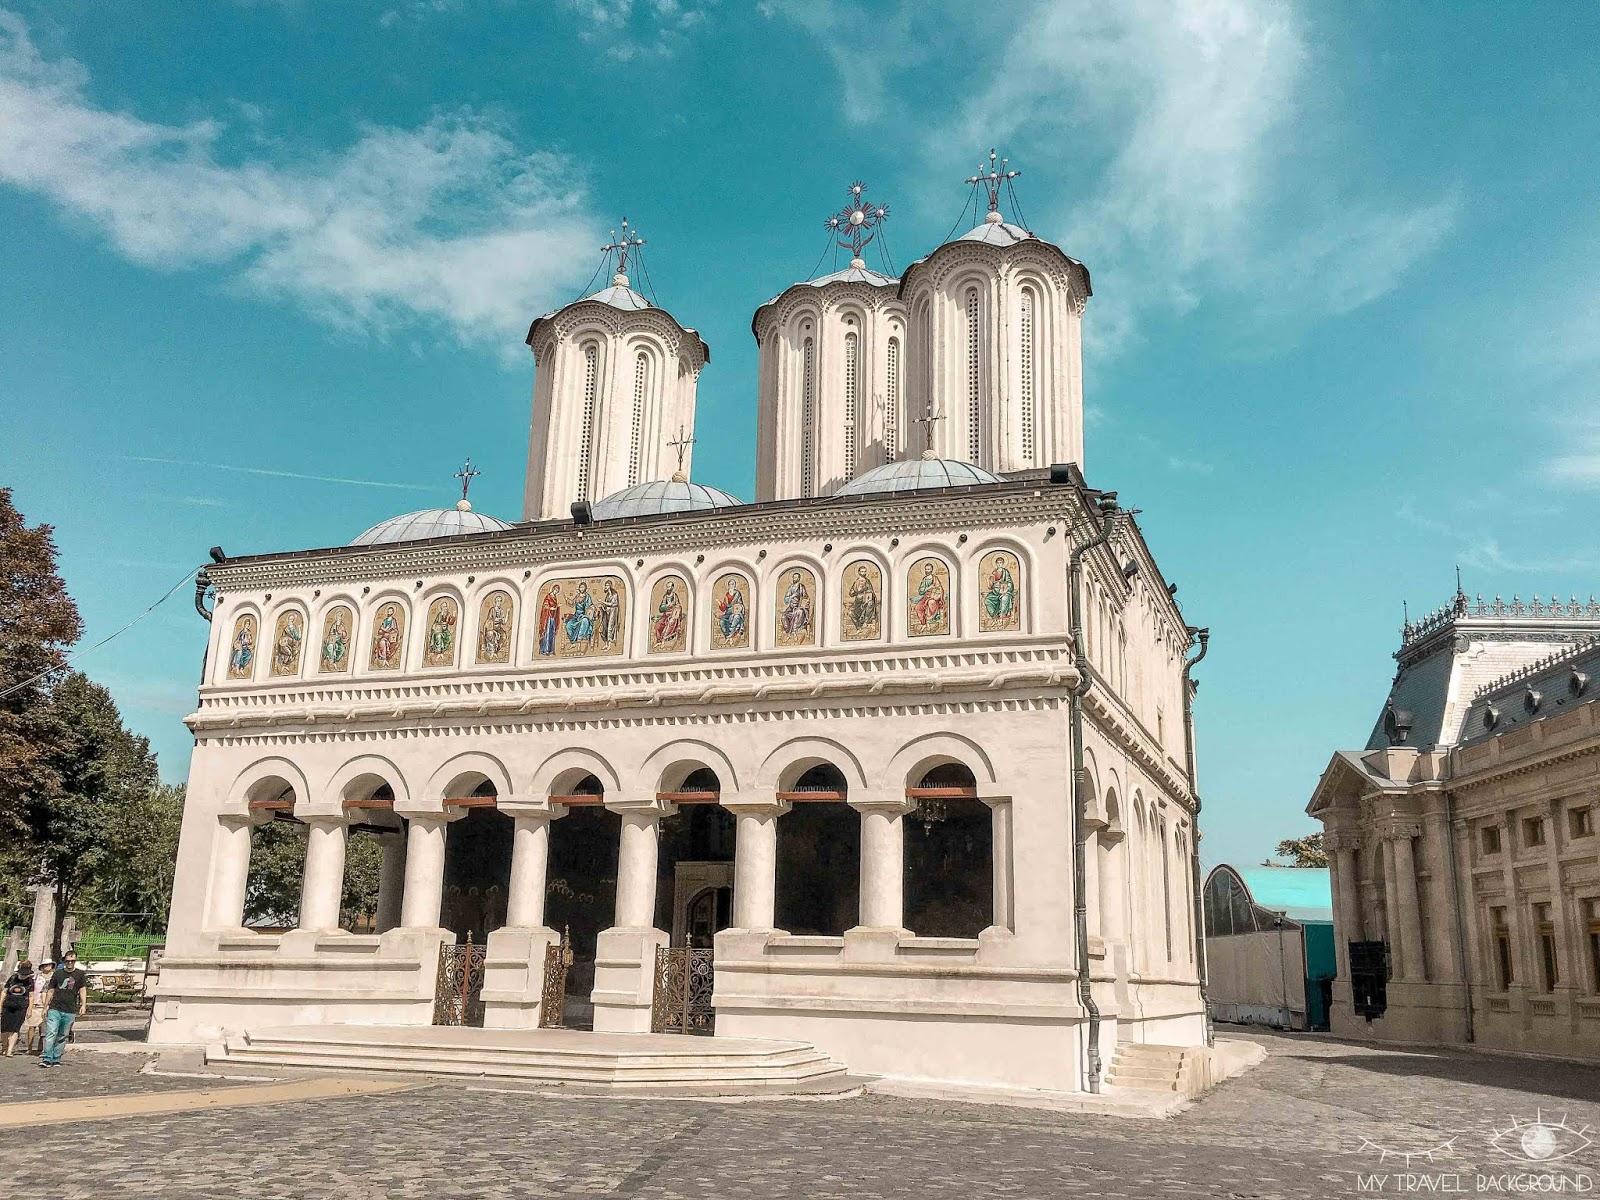 My Travel Background : 3 jours à Bucarest en Roumanie - Cathédrale Patriarcale de Bucarest